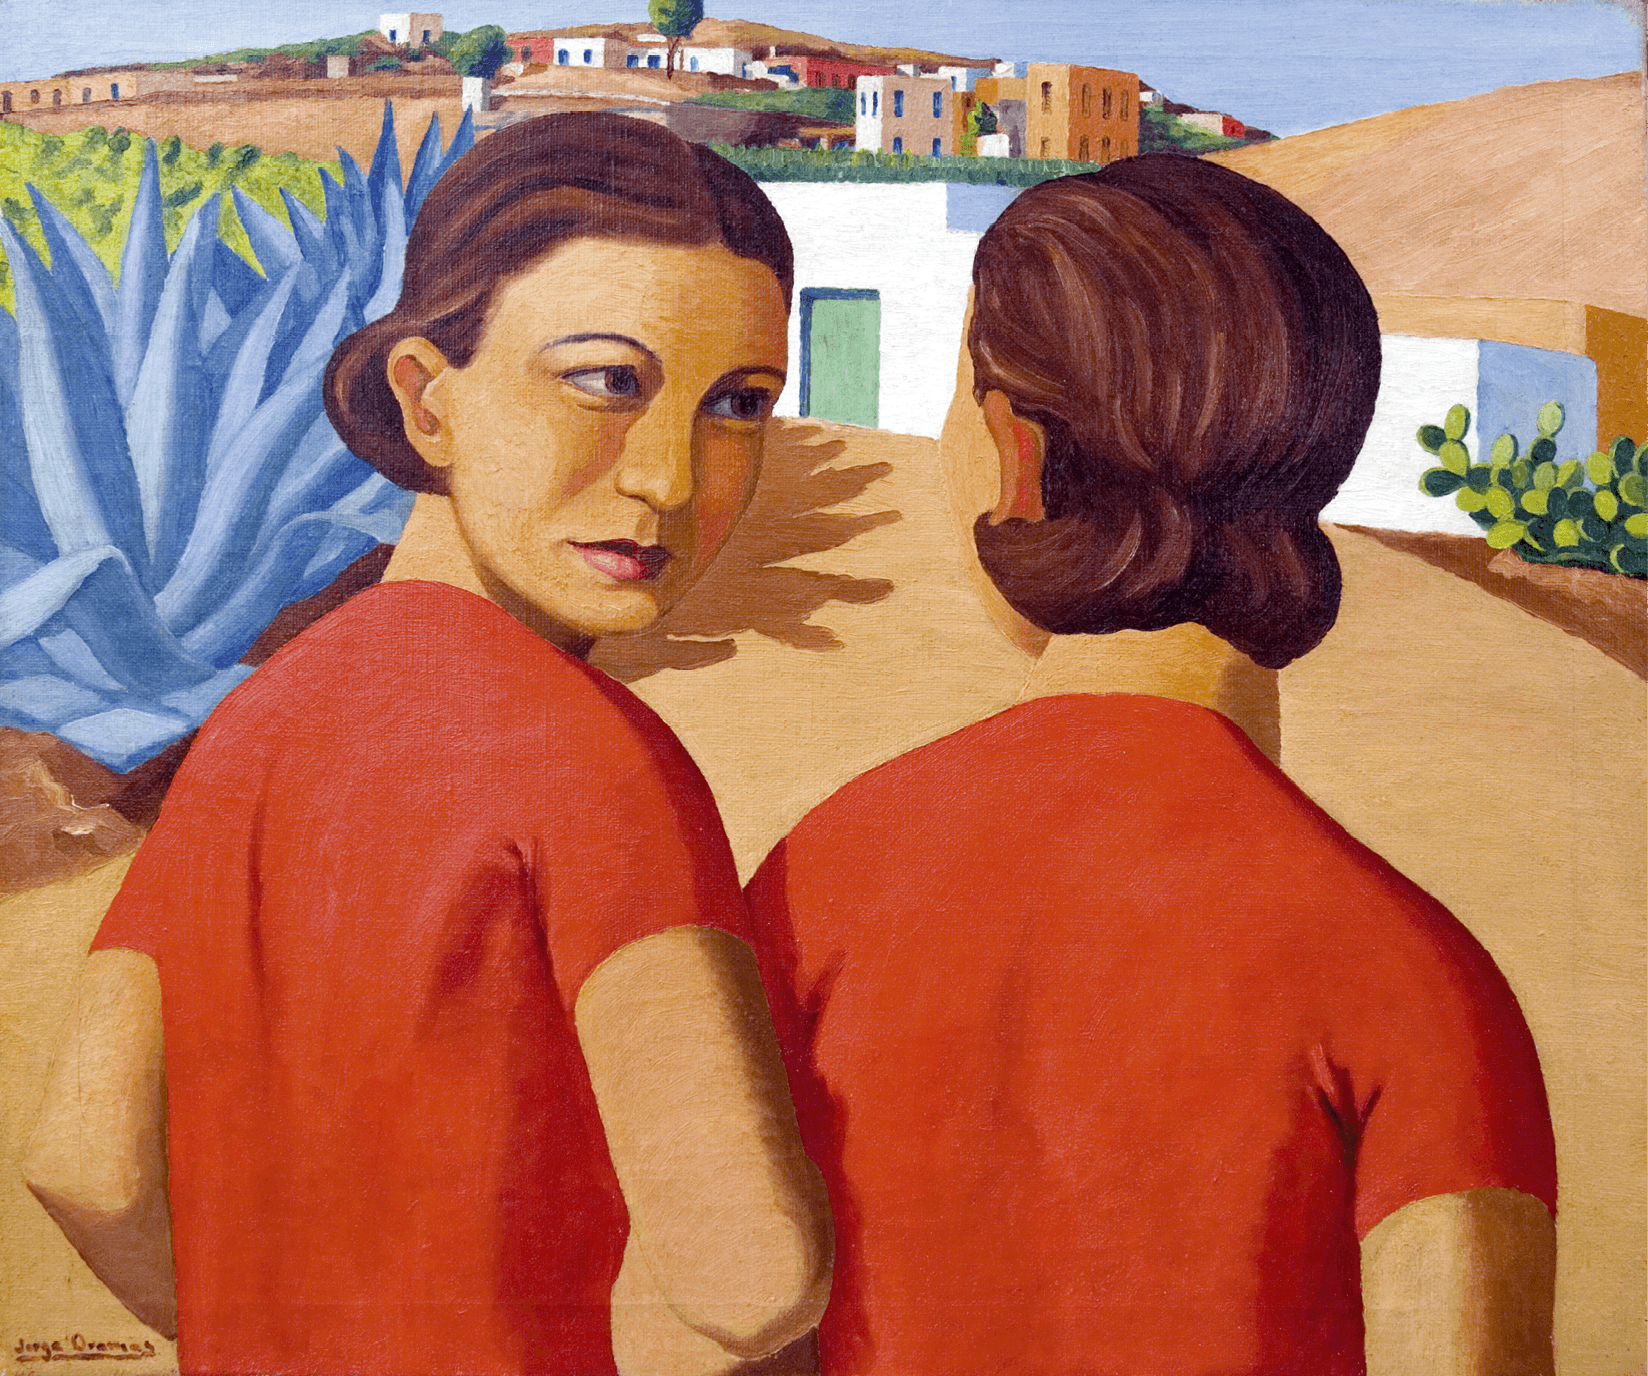 Jorge Oramas, Dos figuras, Las Palmas de Gran Canaria, 1932-1935.